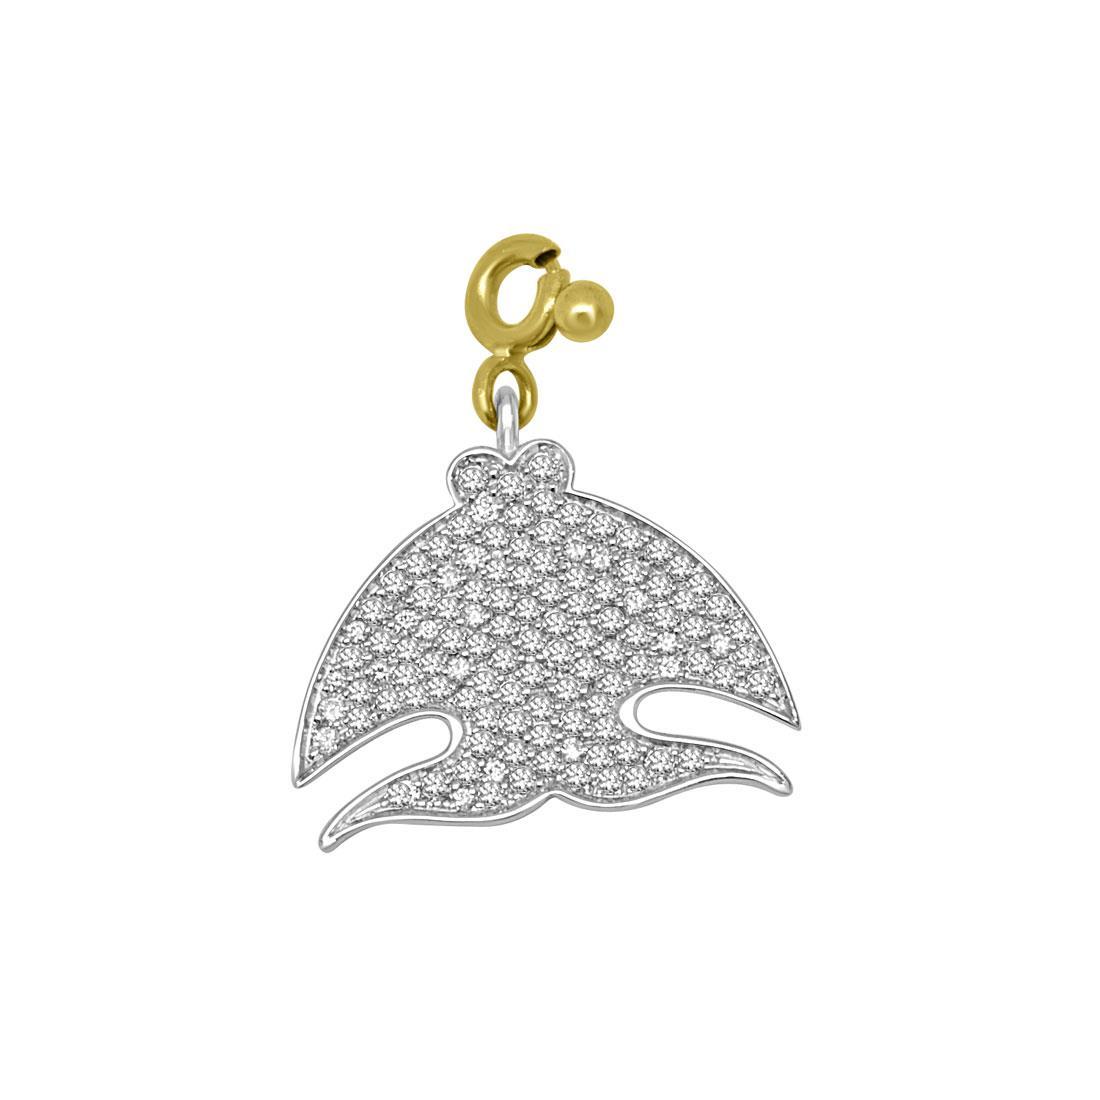 Ciondolo in oro bianco e giallo con diamanti ct 0.66, misura 2x2cm - PASQUALE BRUNI